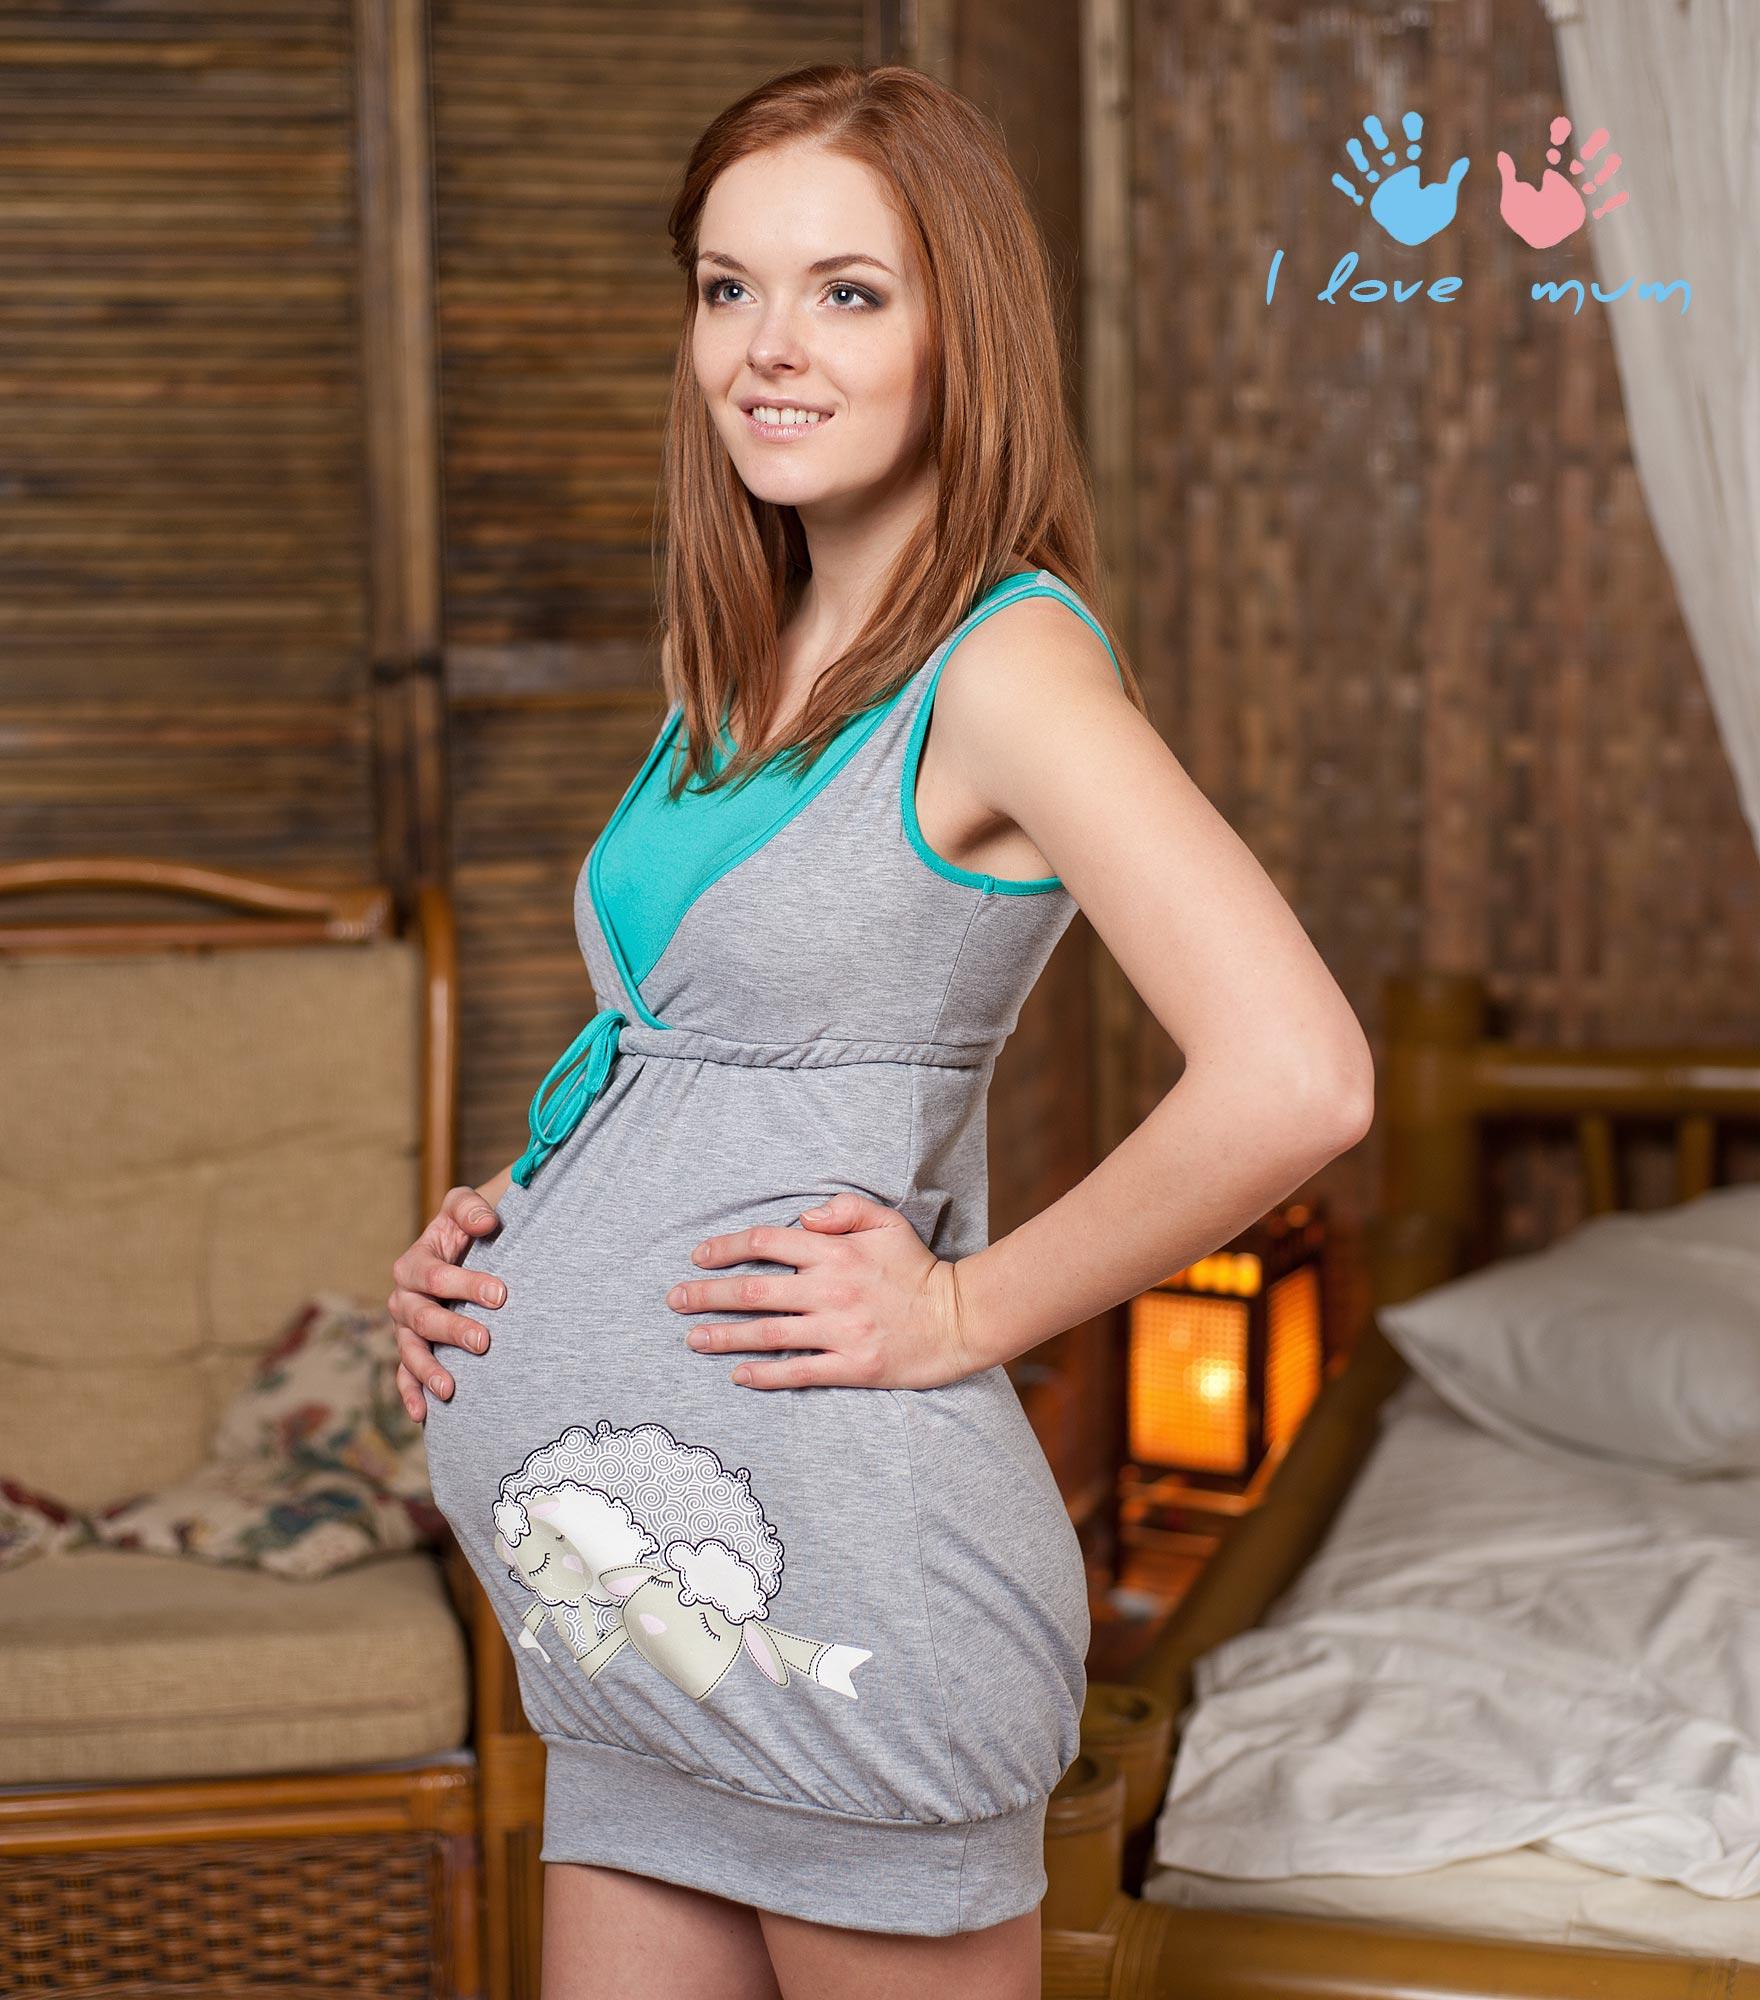 Домашние фото беременные девушки фото